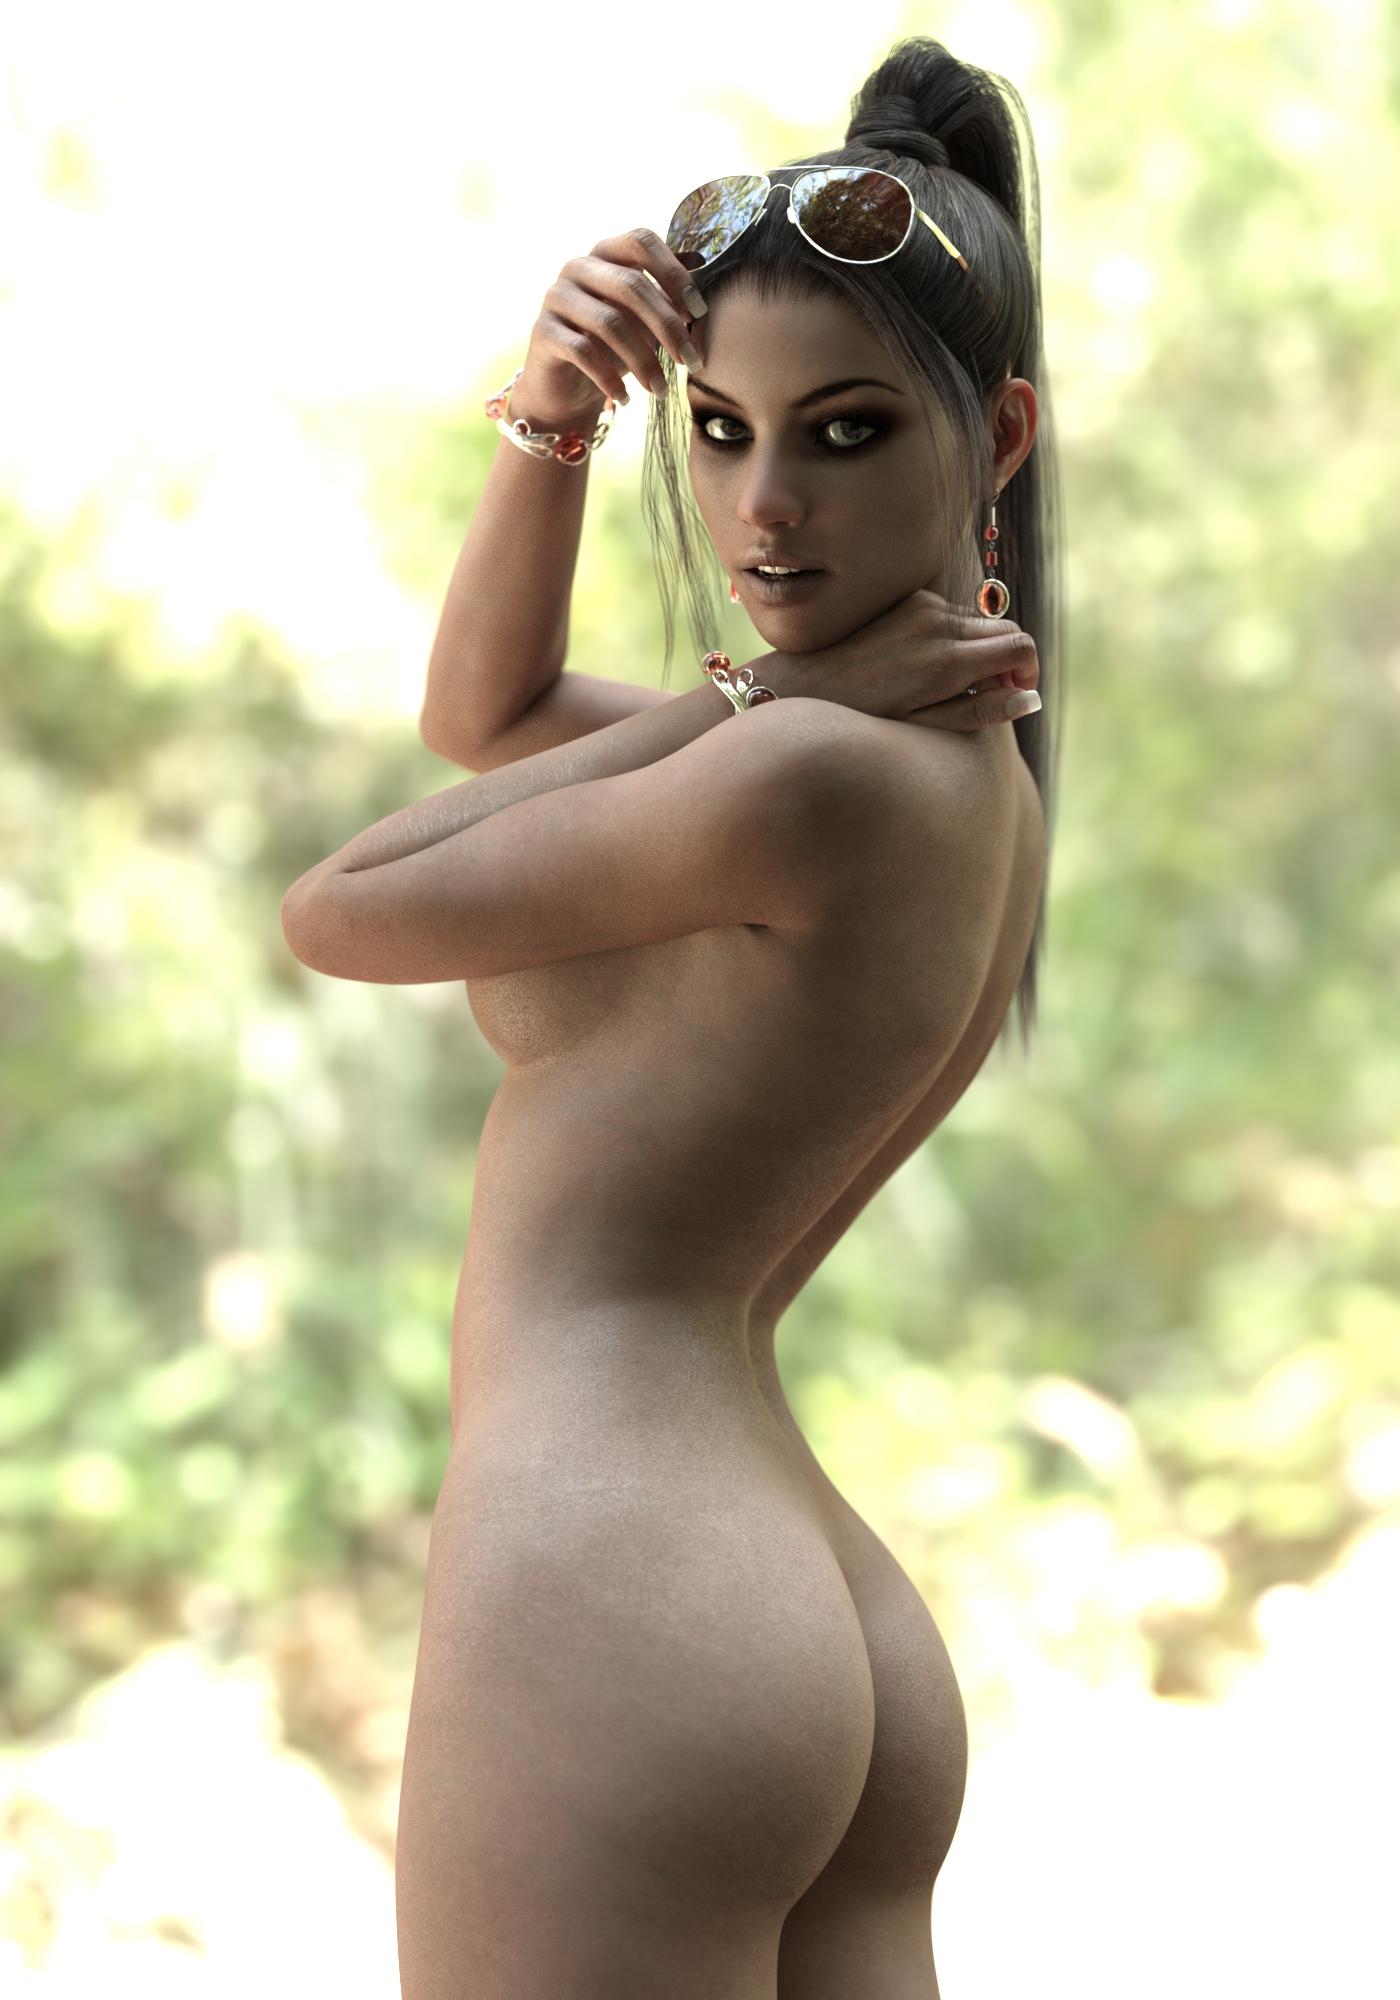 Nude Cgi Woman 40